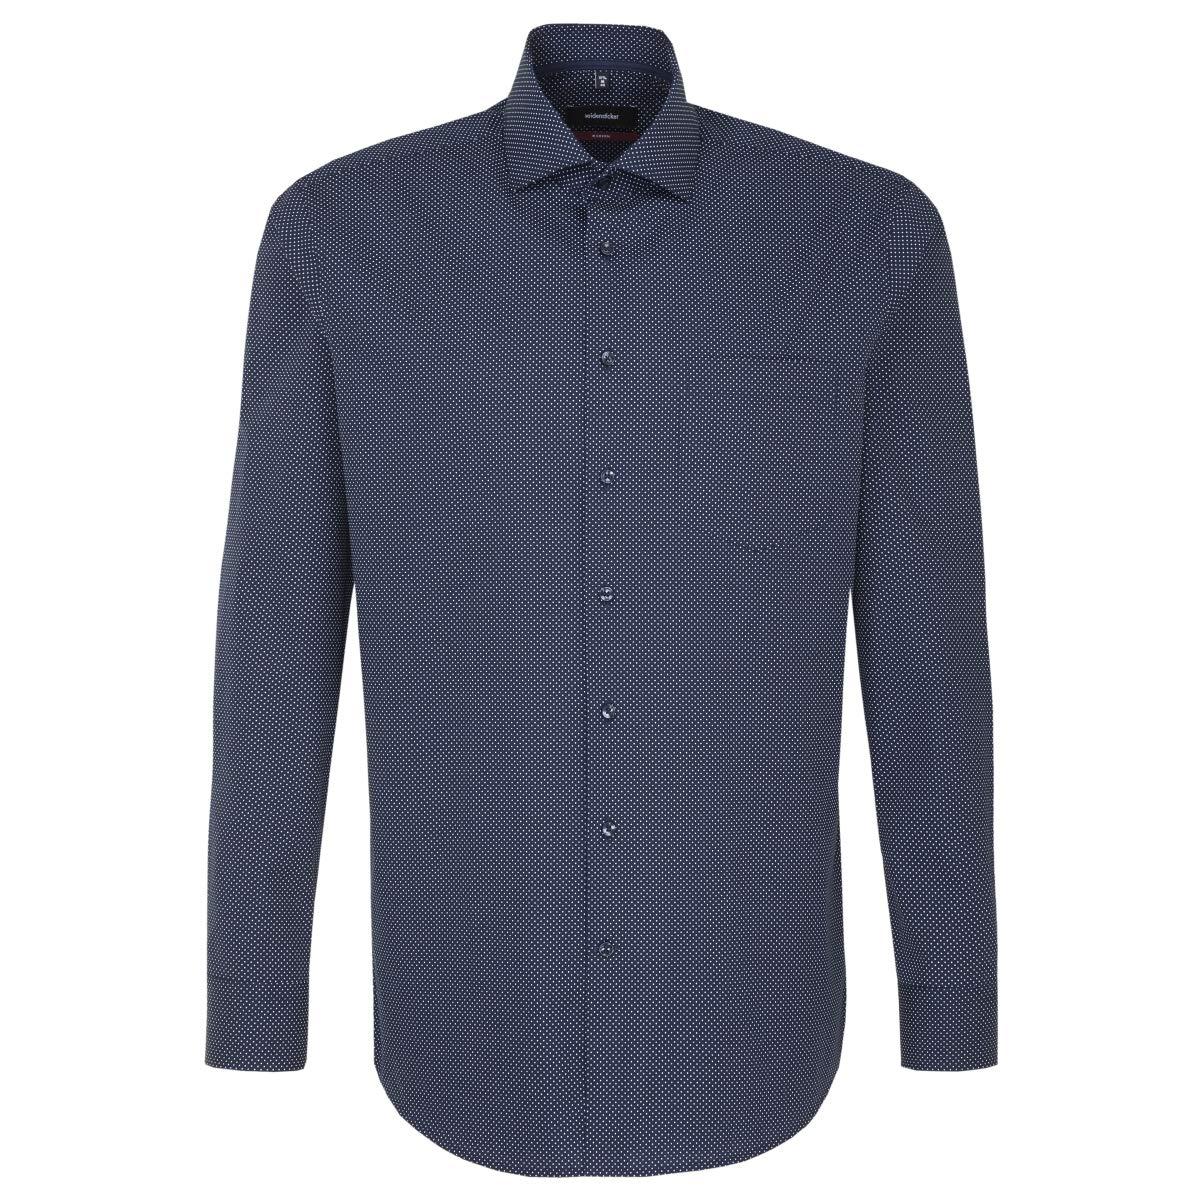 TALLA 48 (Talla del fabricante: 46). Seidensticker Modern Langarm Mit Kent Kragen Soft Gepunktet, Camisa para Hombre